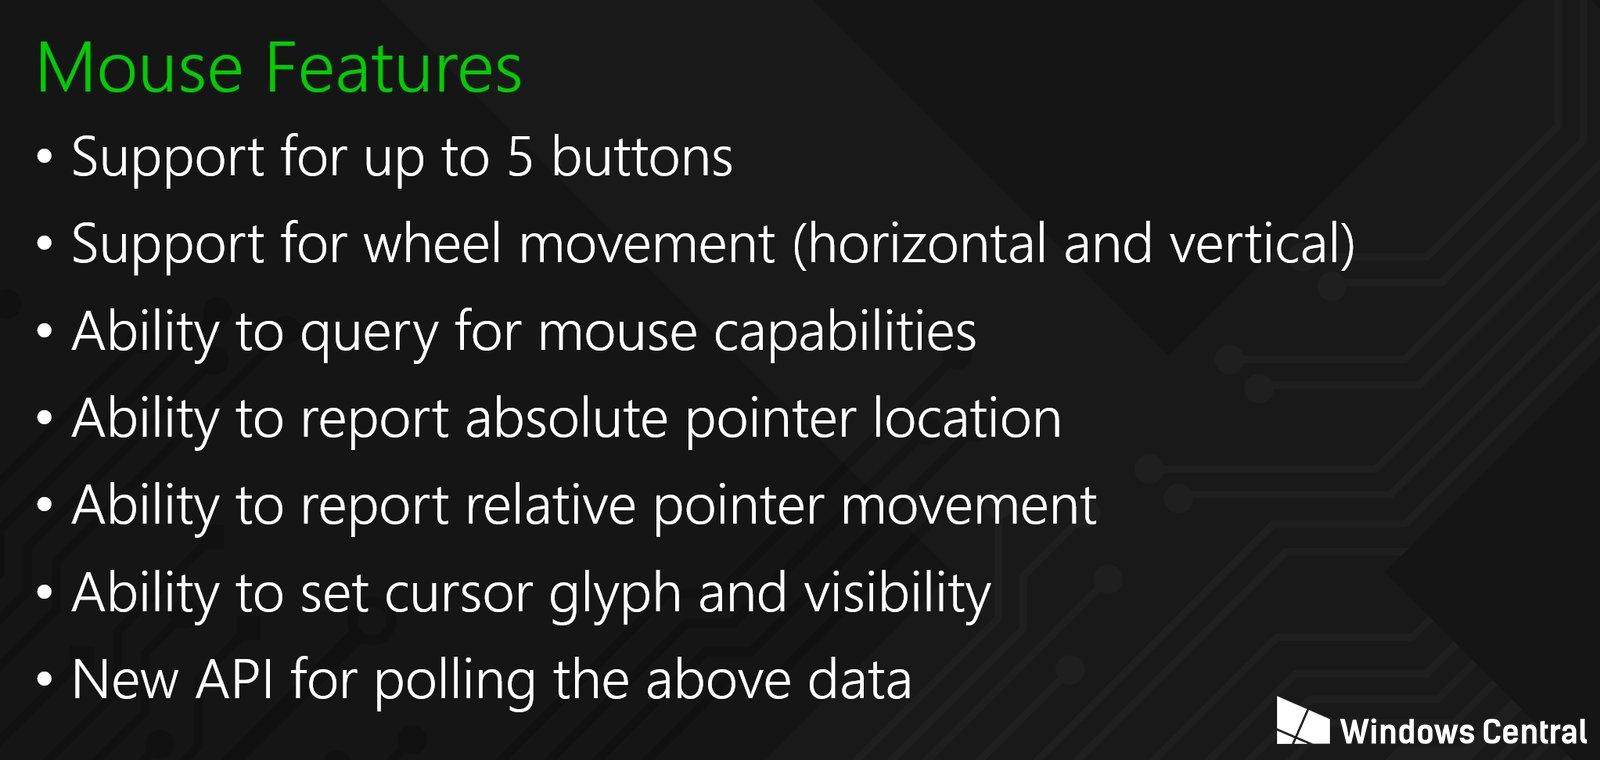 Die Eigenschaften der Maus werden klar umrissen